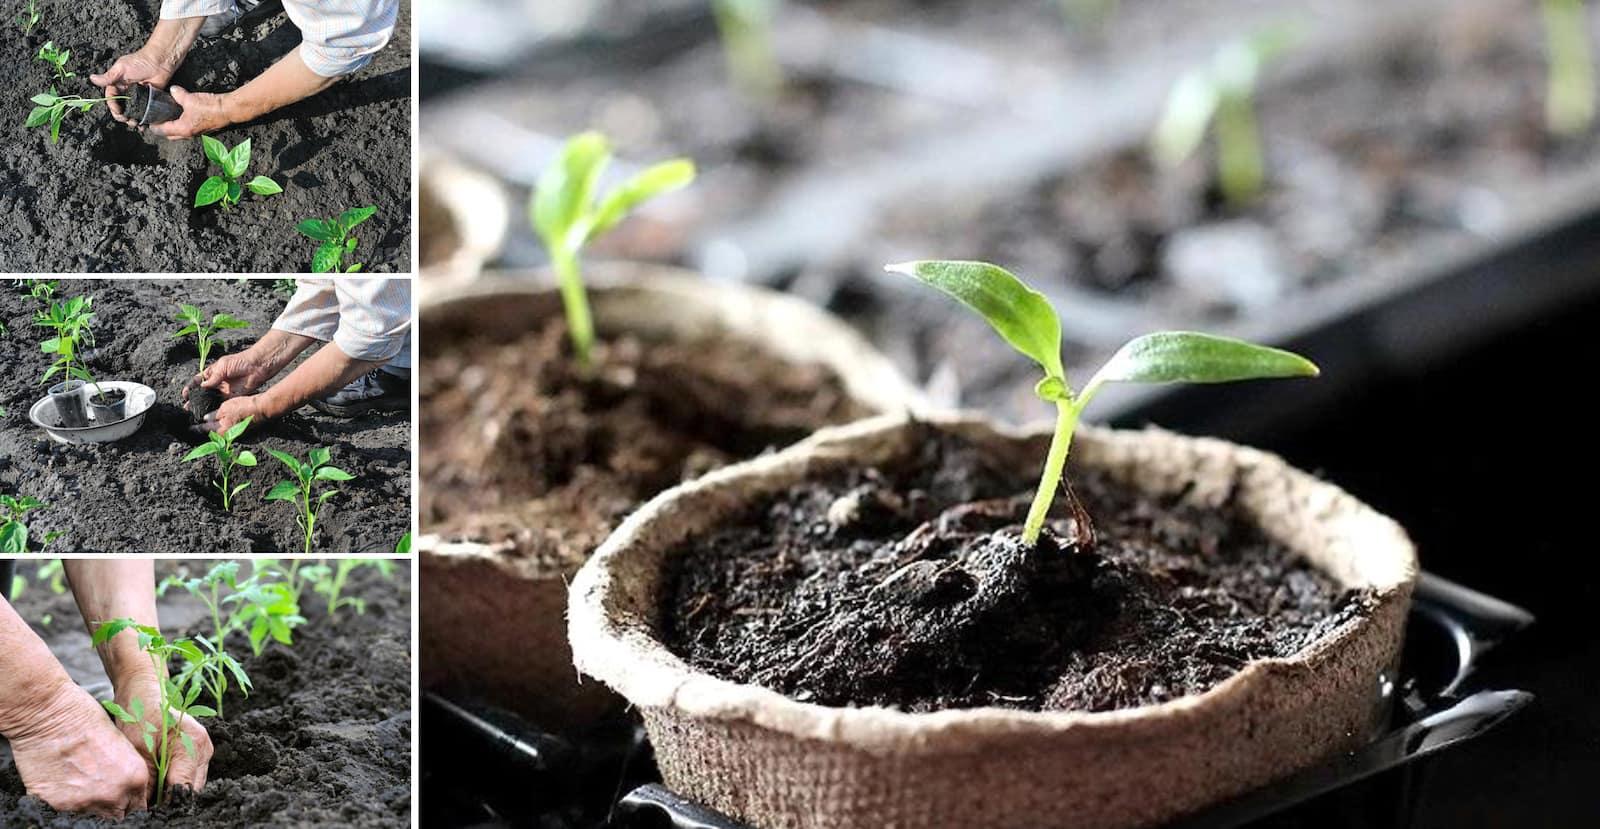 Avant de planter les poivrons en terre, le sol doit être bêché, bien ameubli et fertilisé.